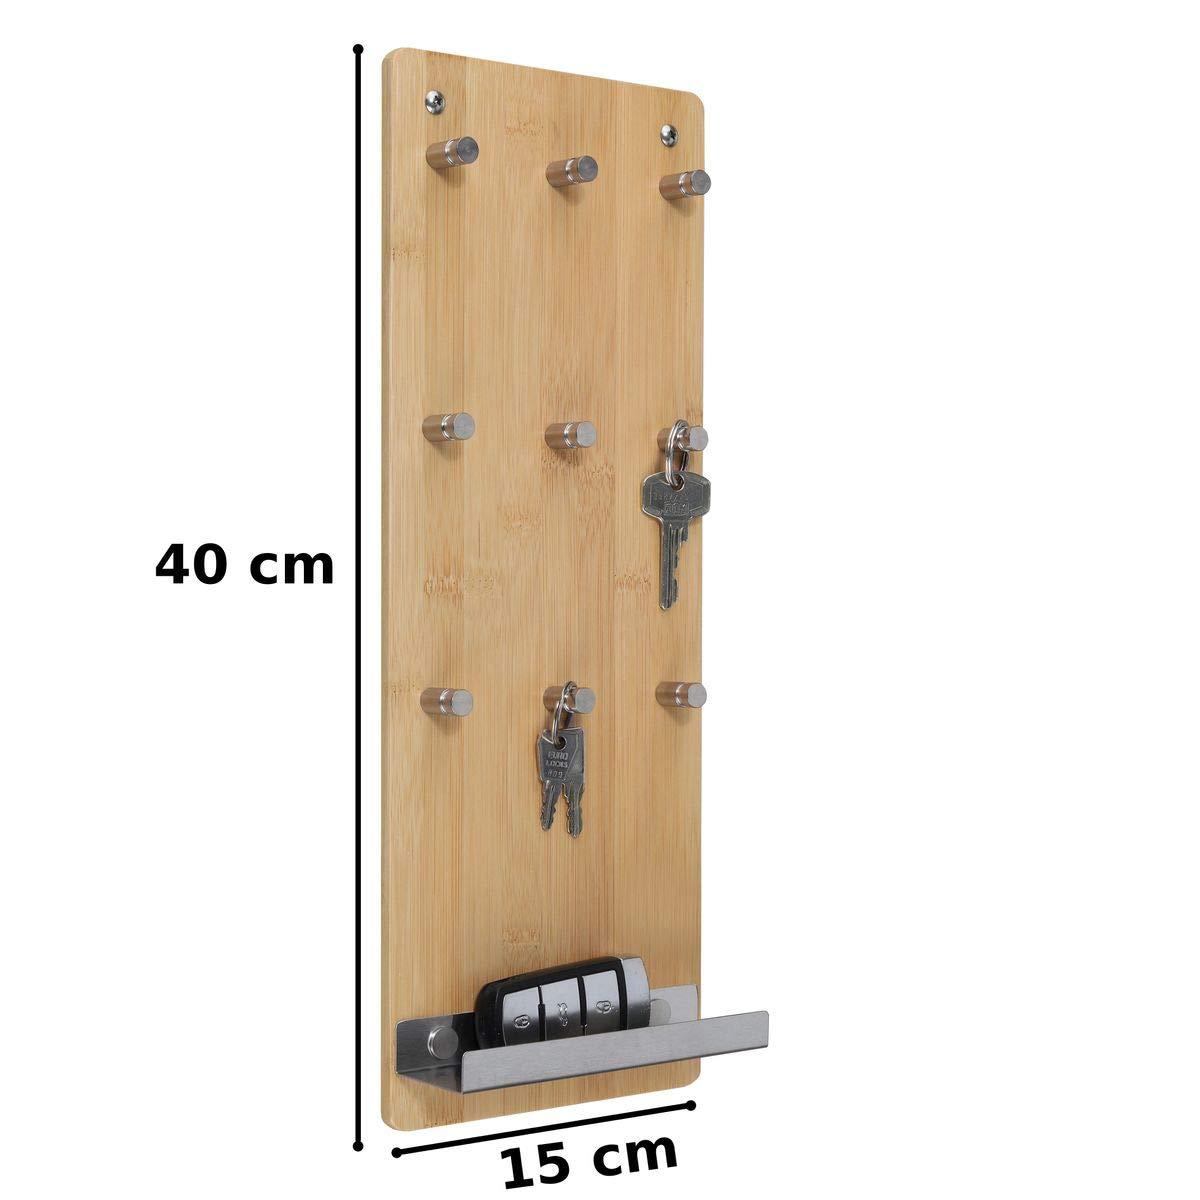 bonsport Schl/üsselbrett mit Ablage Schl/üsselleiste mit 9 Haken aus Bambus Holz und Edelstahl